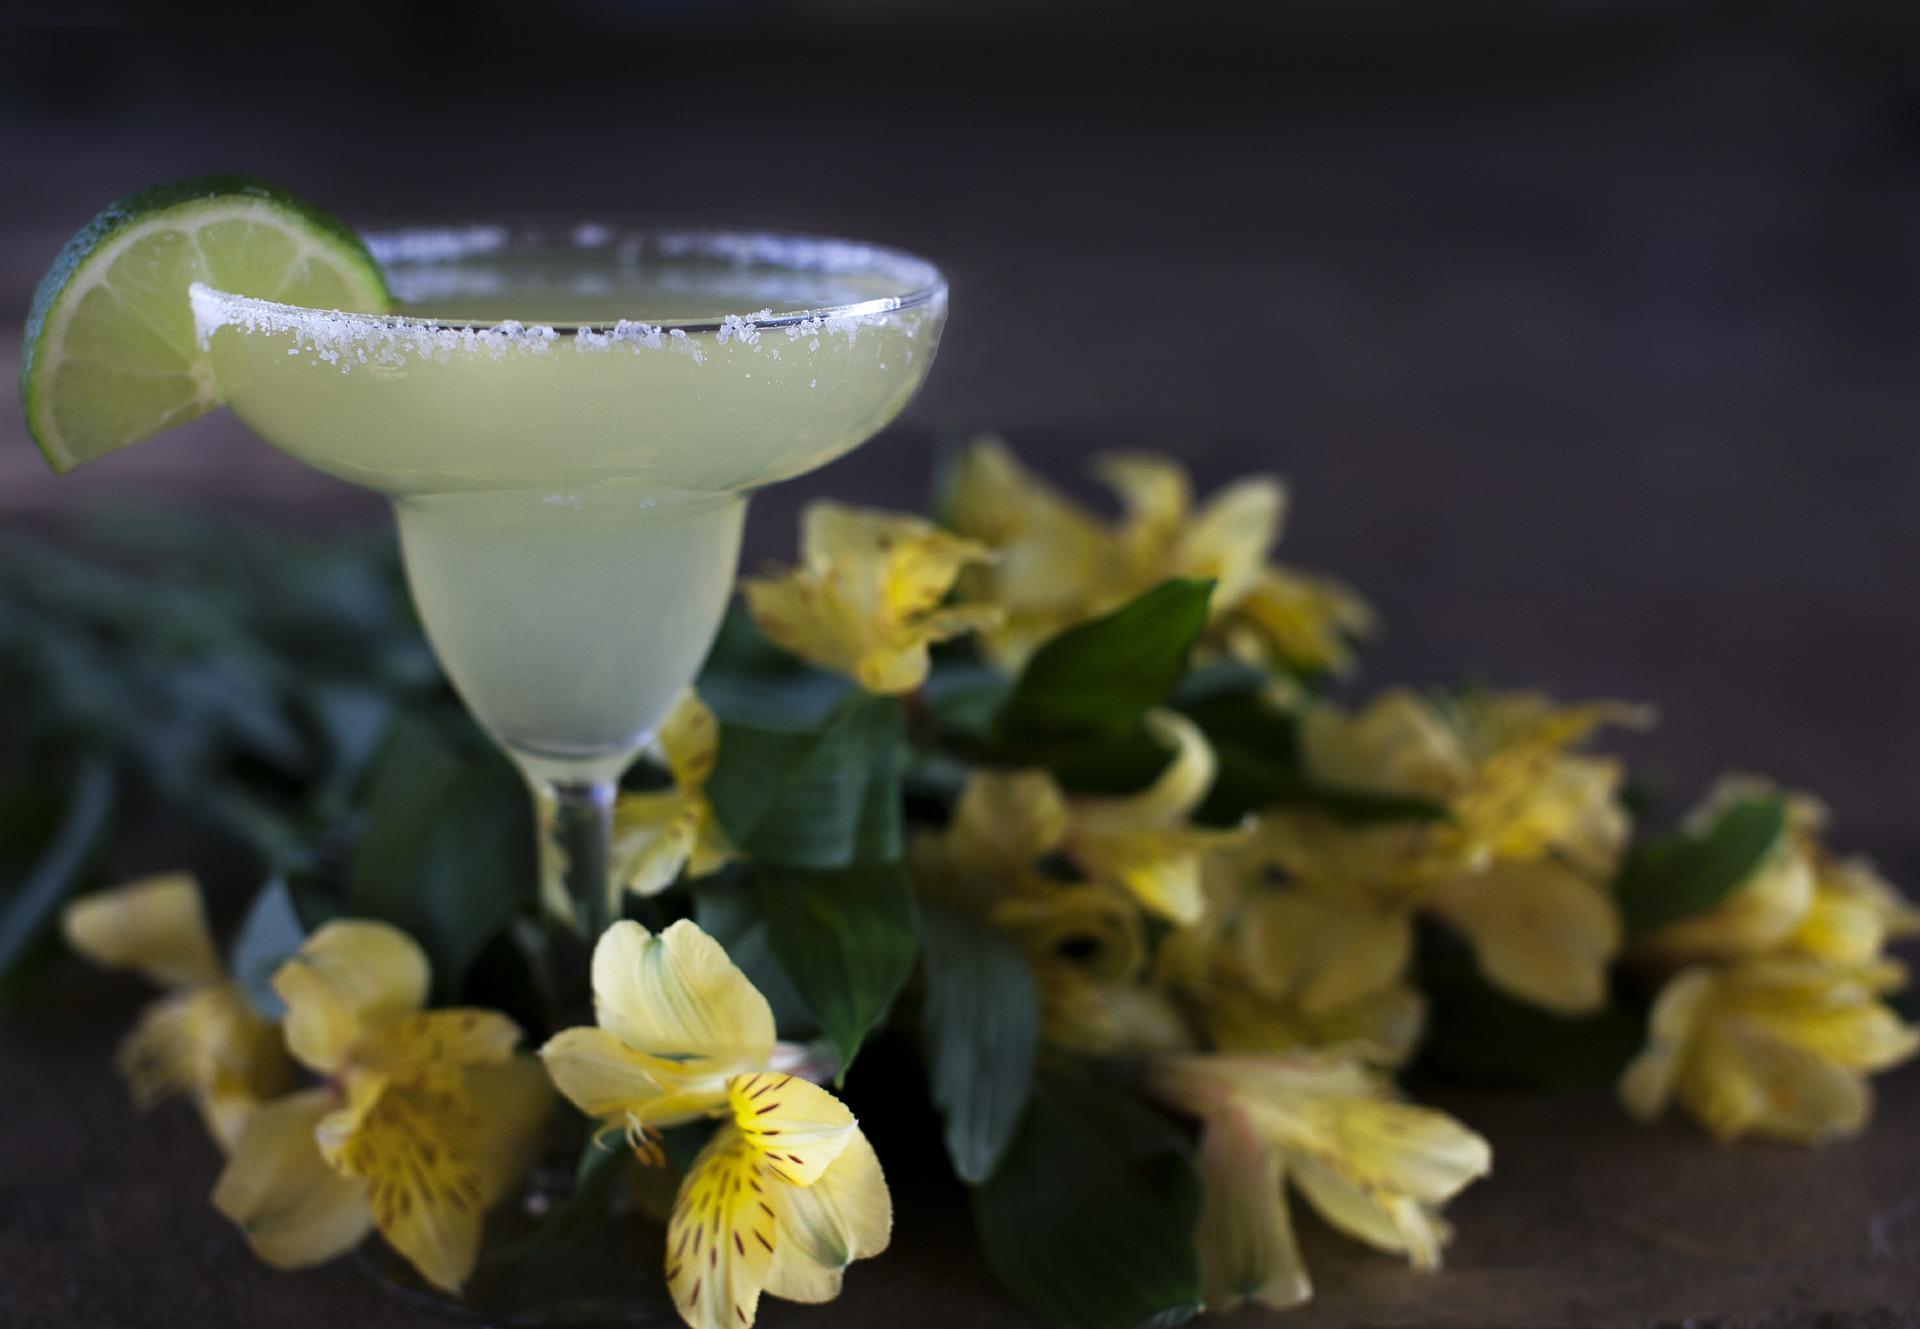 Margarita (hispanichouston.com)